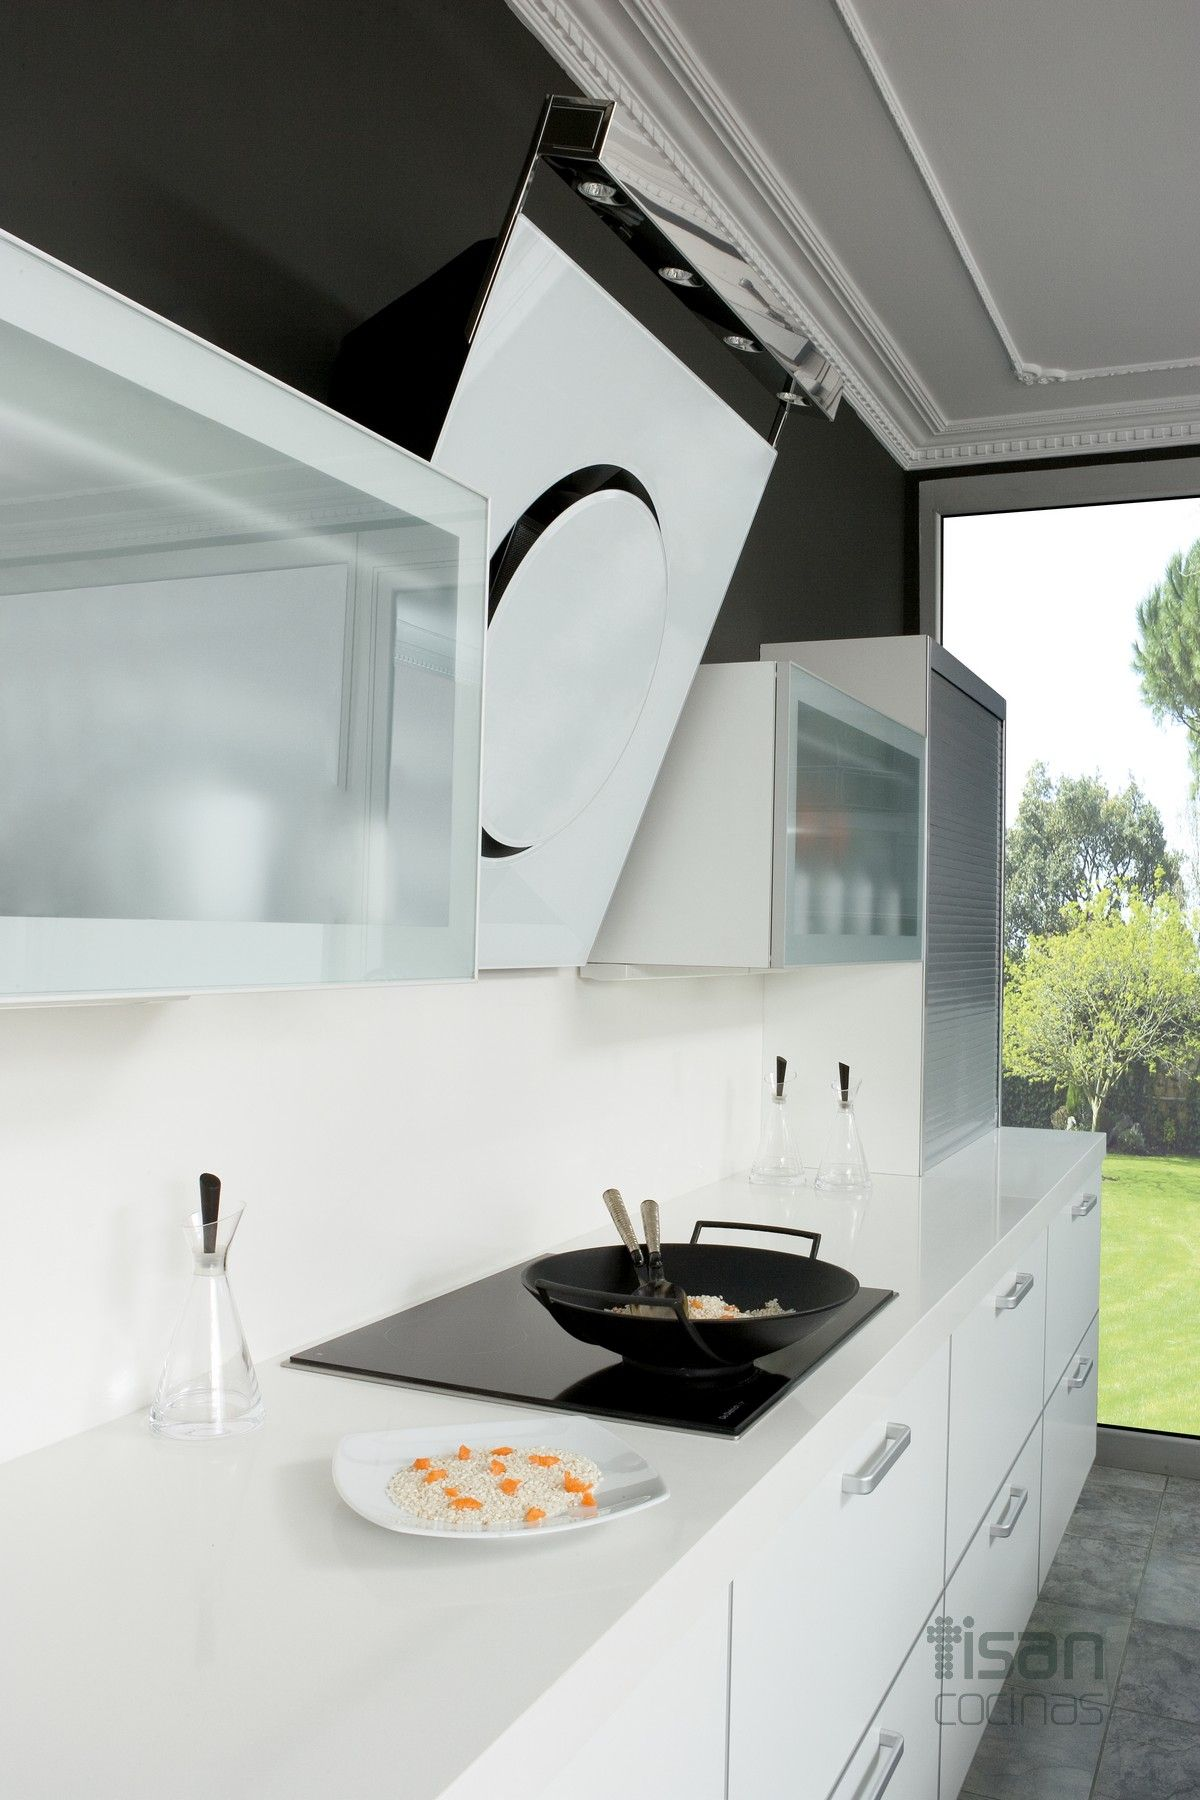 Cocina Moderna Compact Blanco | Cocinas Modernas Tisan | Pinterest ...